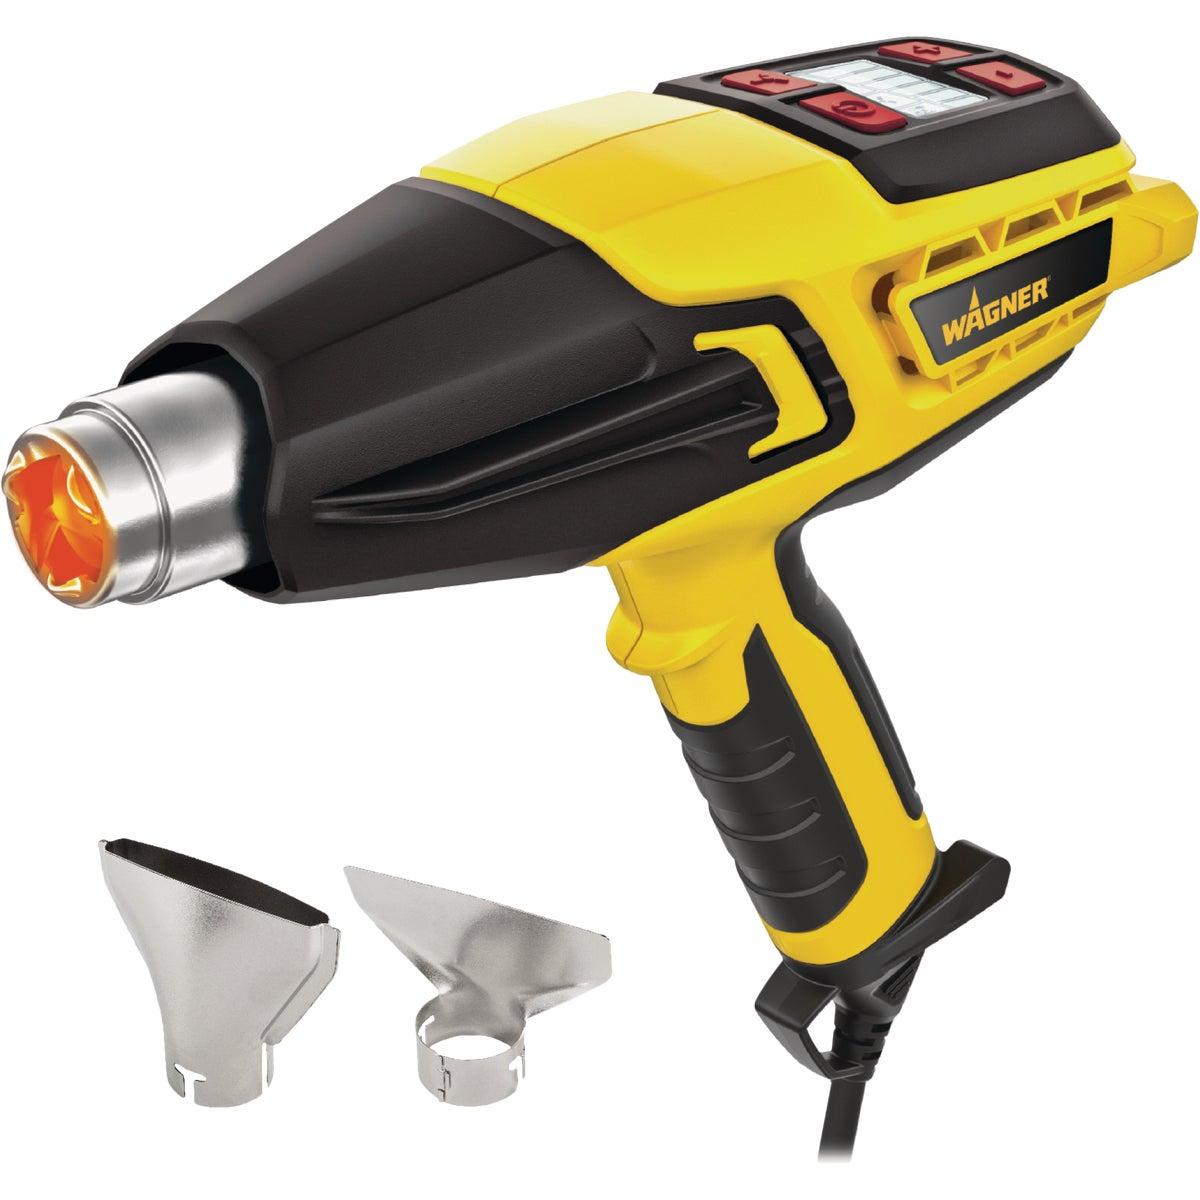 Wagner Spray Tech. DIGITAL VARIABL HEAT GUN HT3500